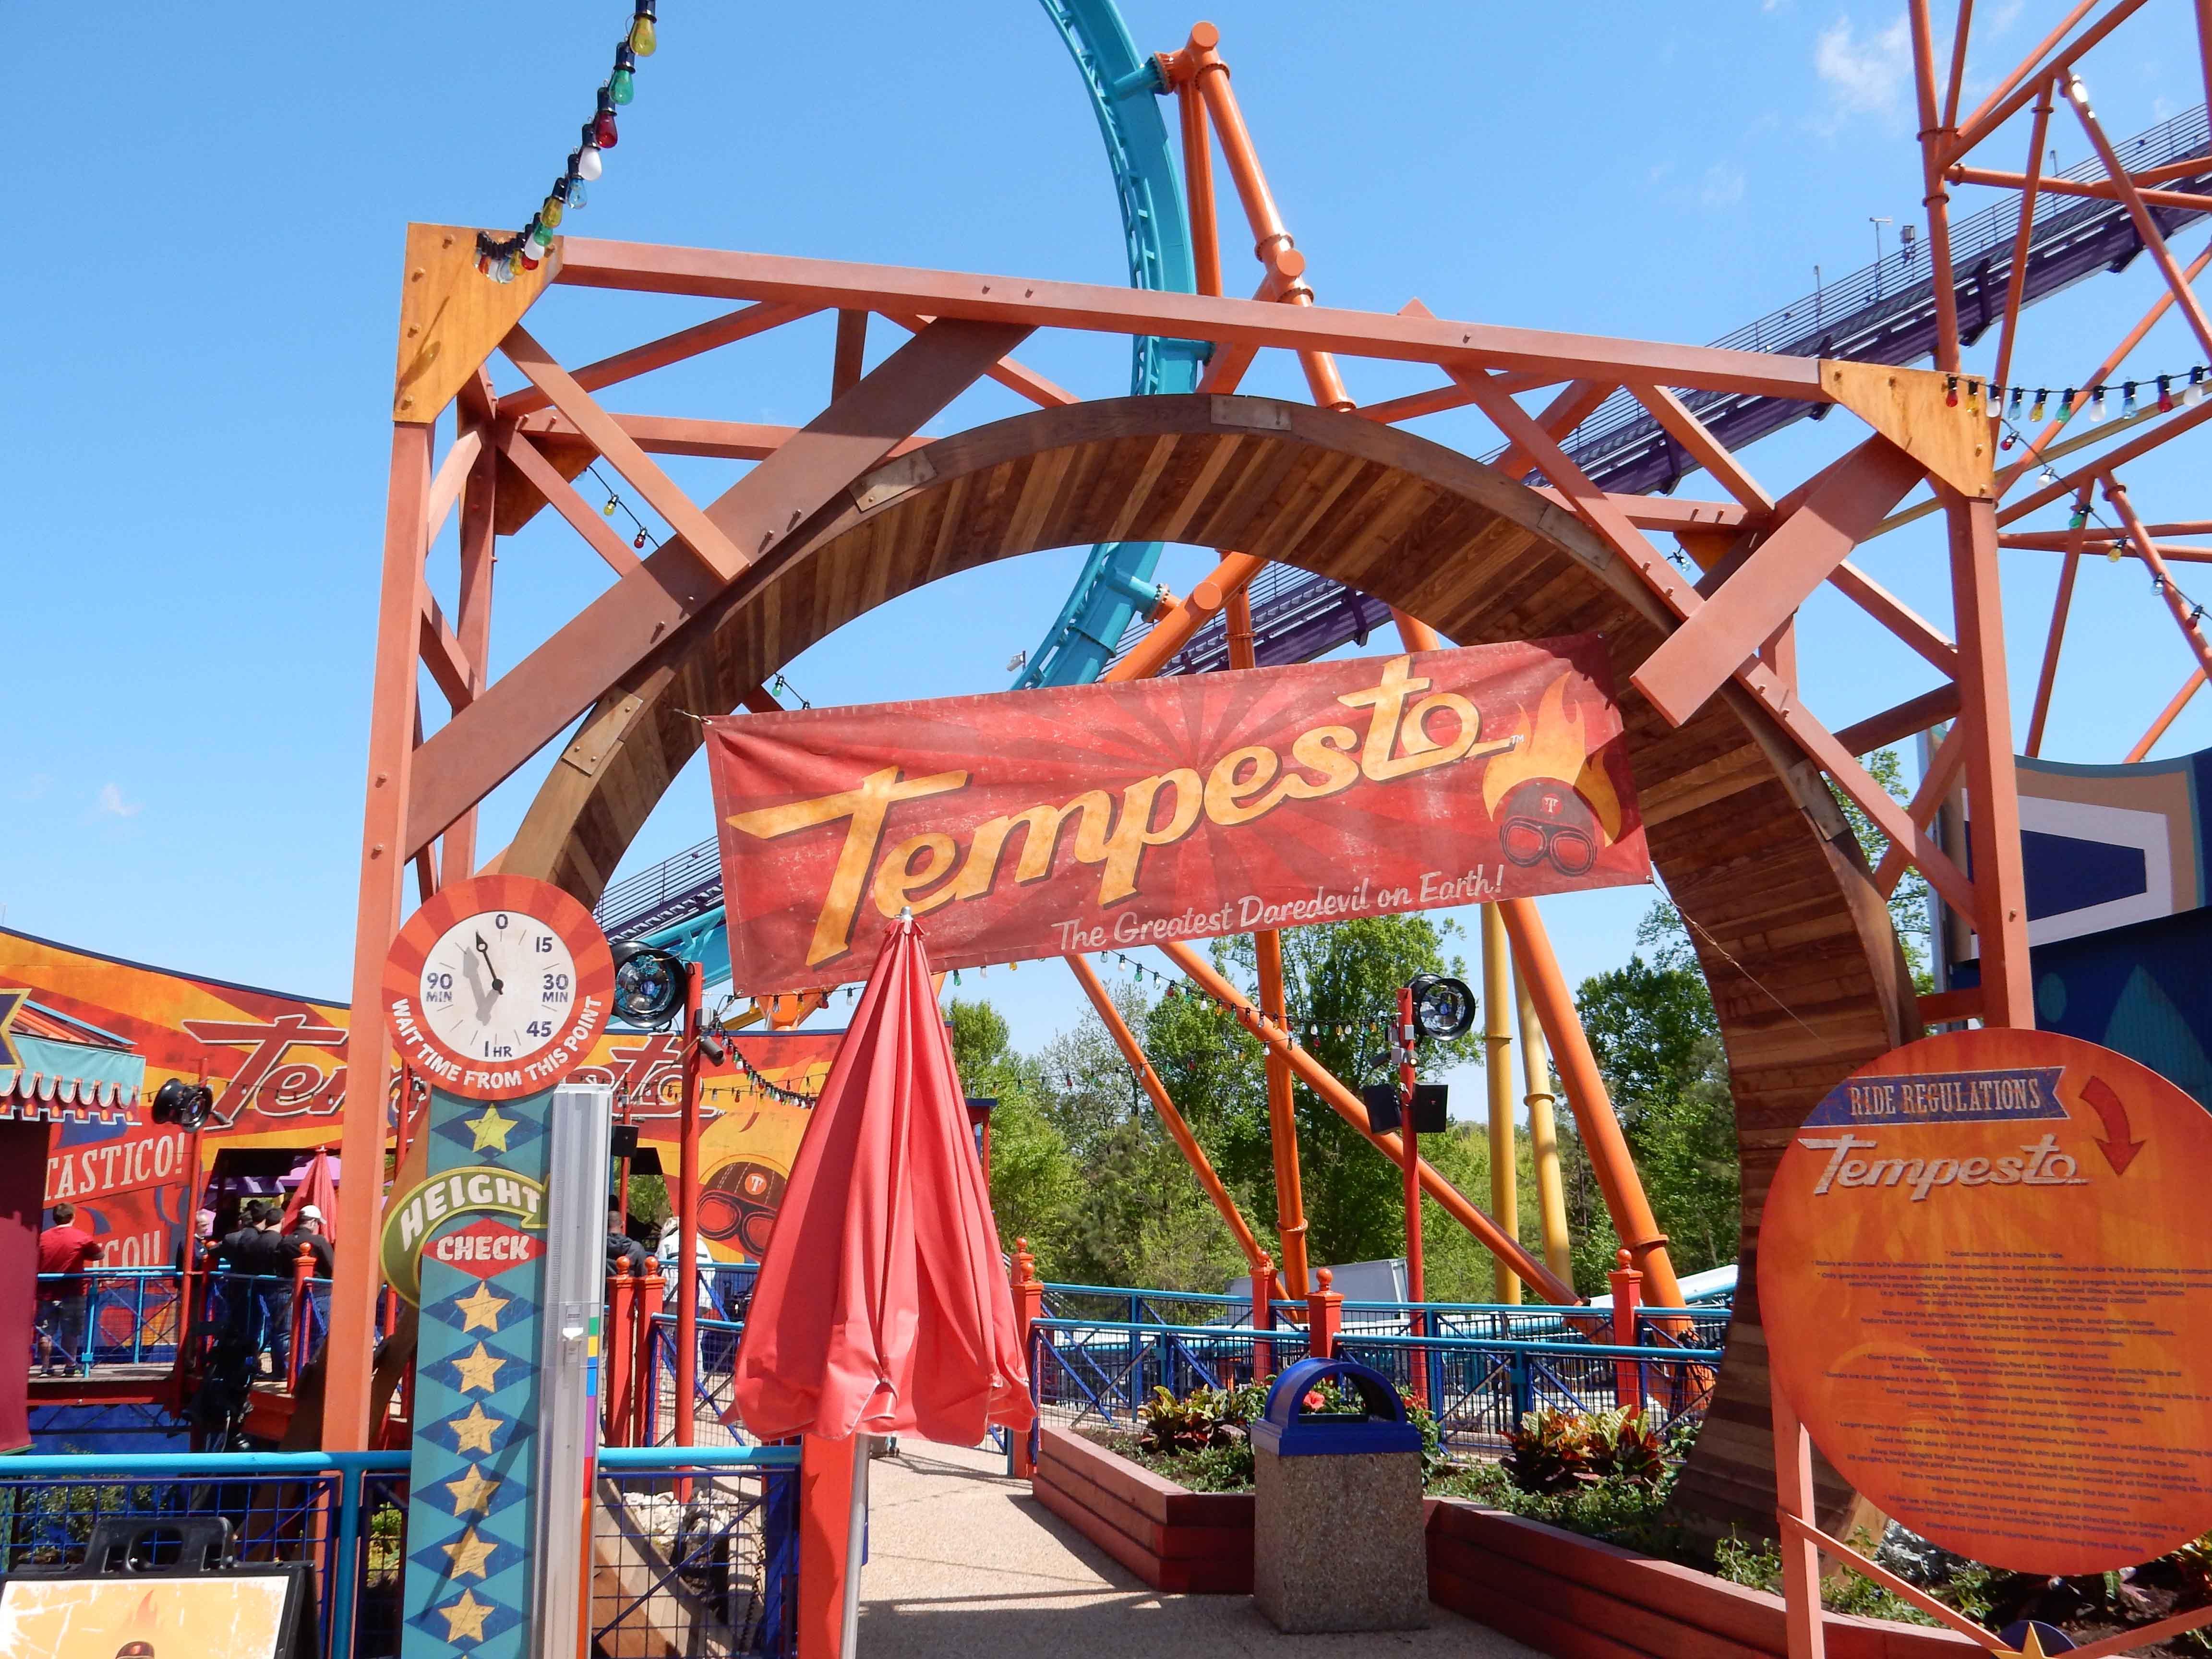 www.coaster101.com